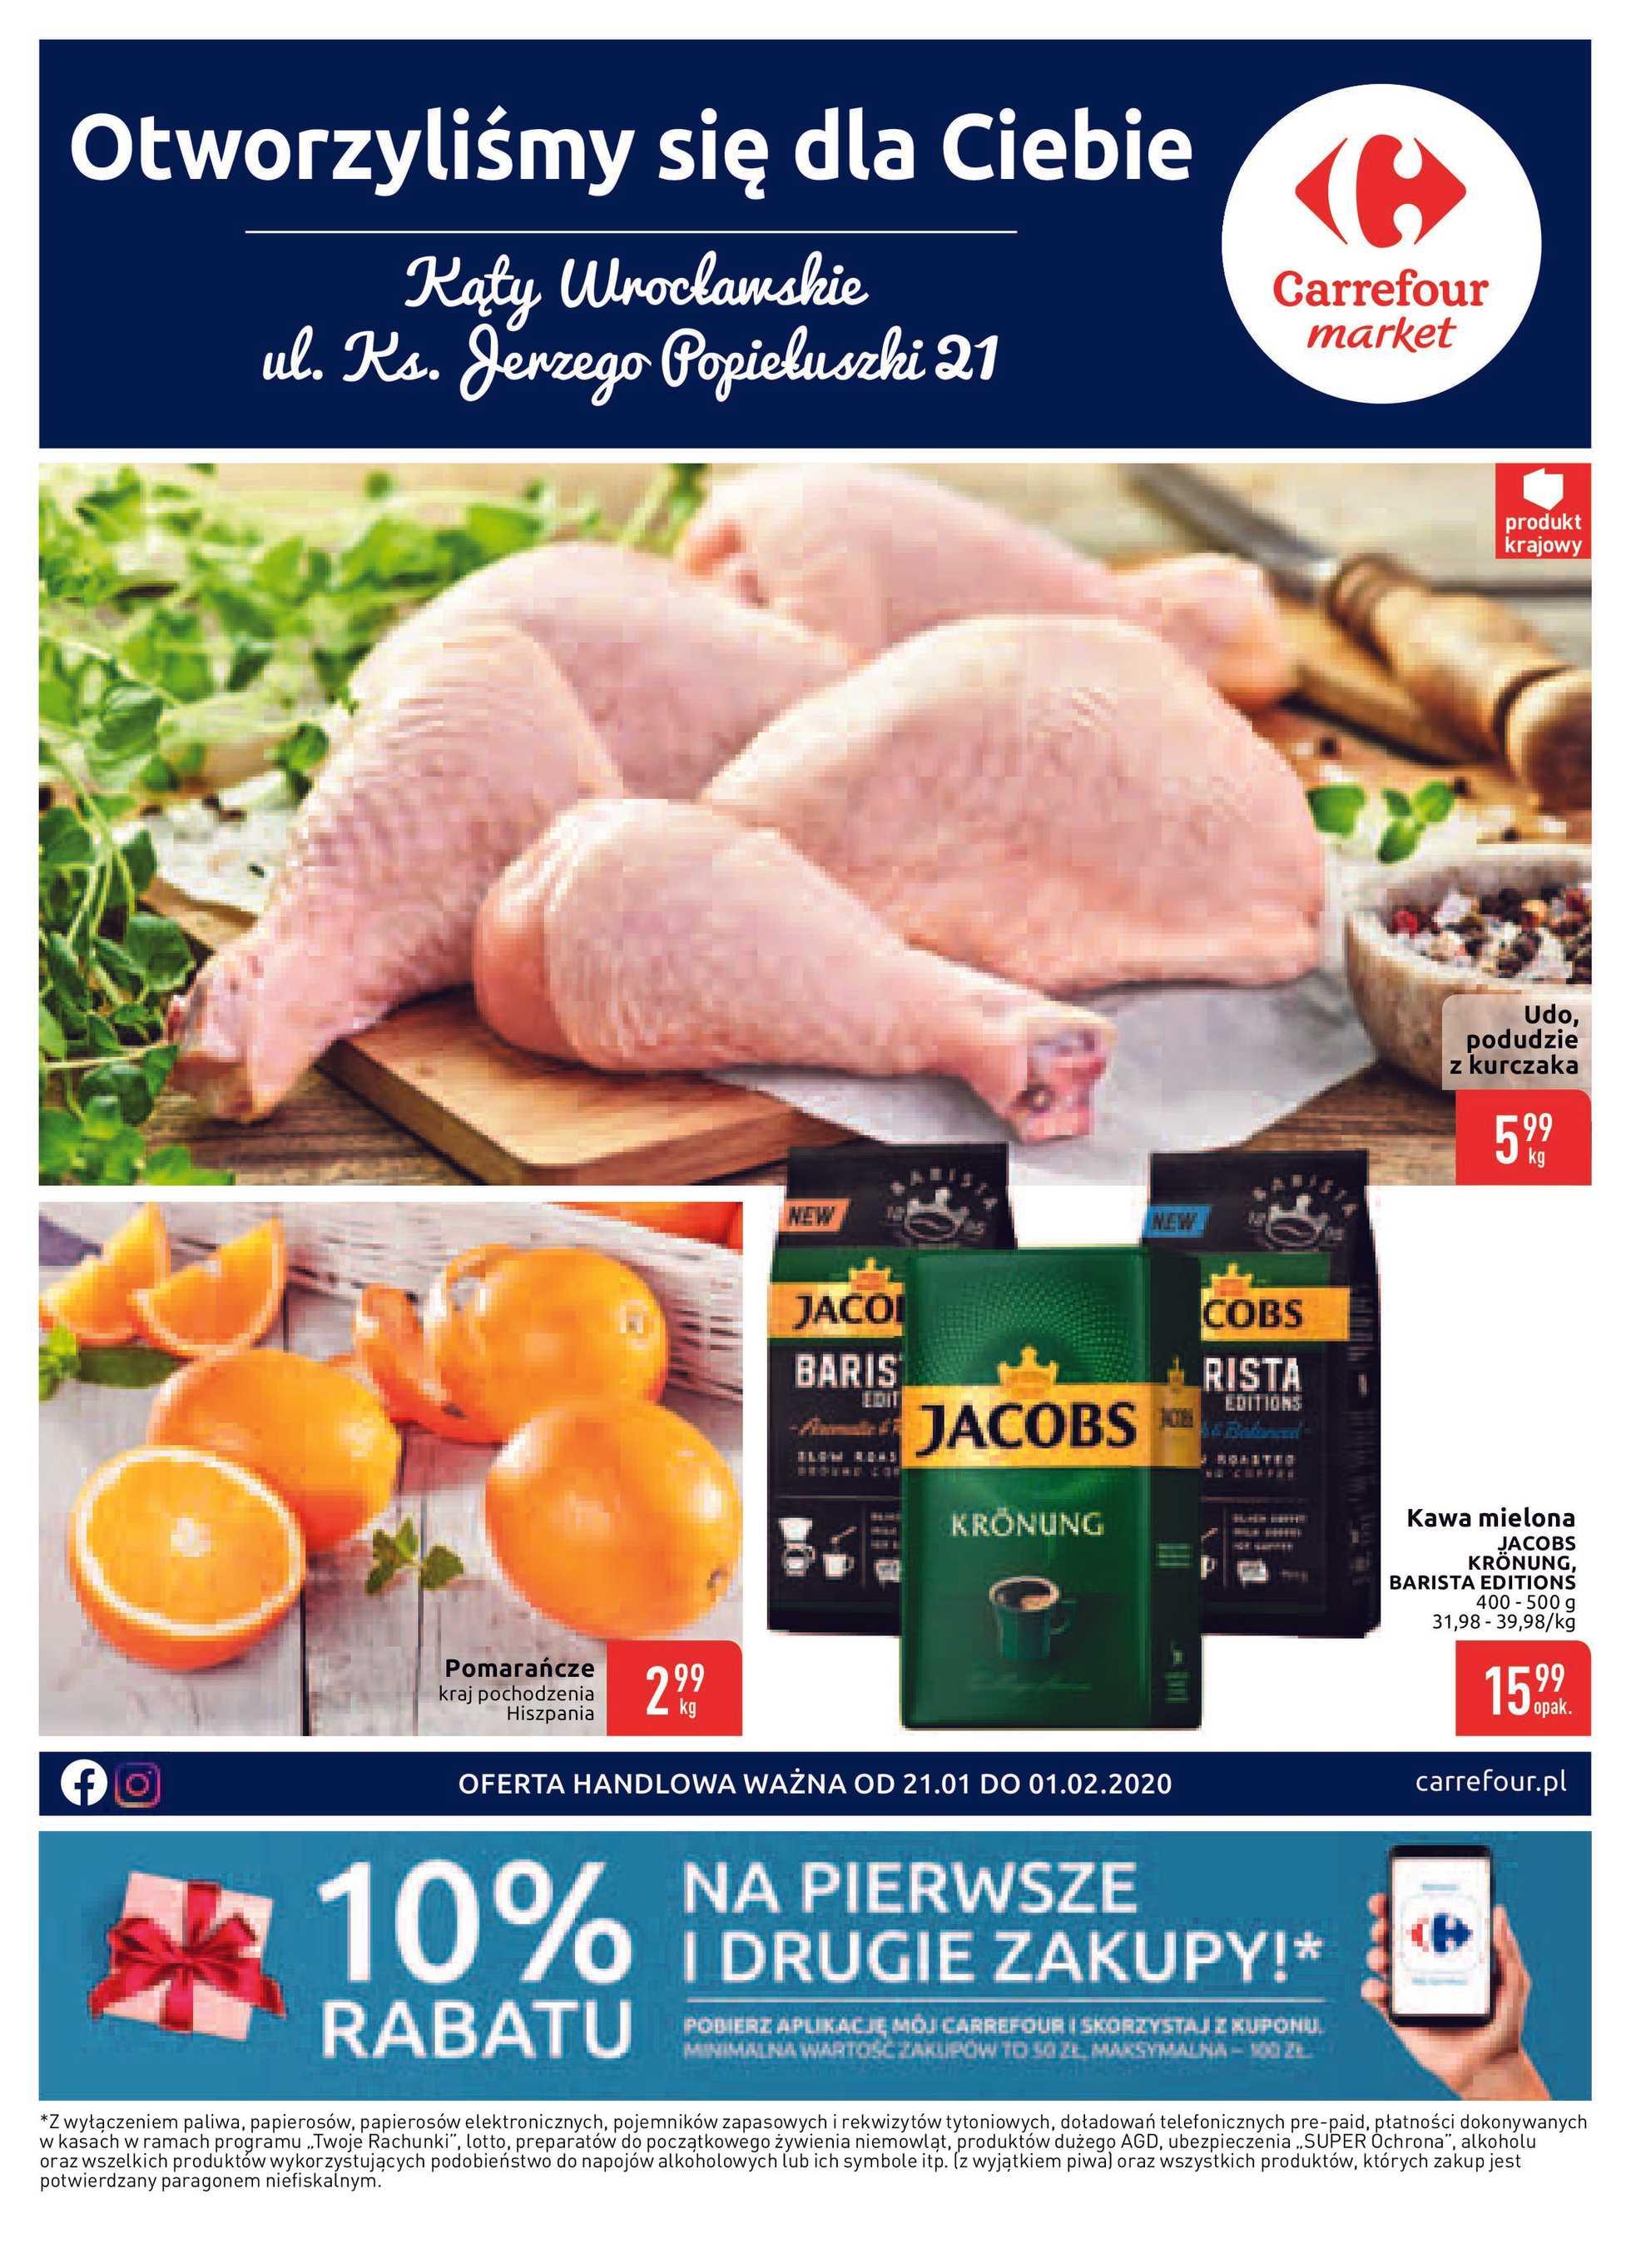 Carrefour Market - gazetka promocyjna ważna od 21.01.2020 do 01.02.2020 - strona 1.